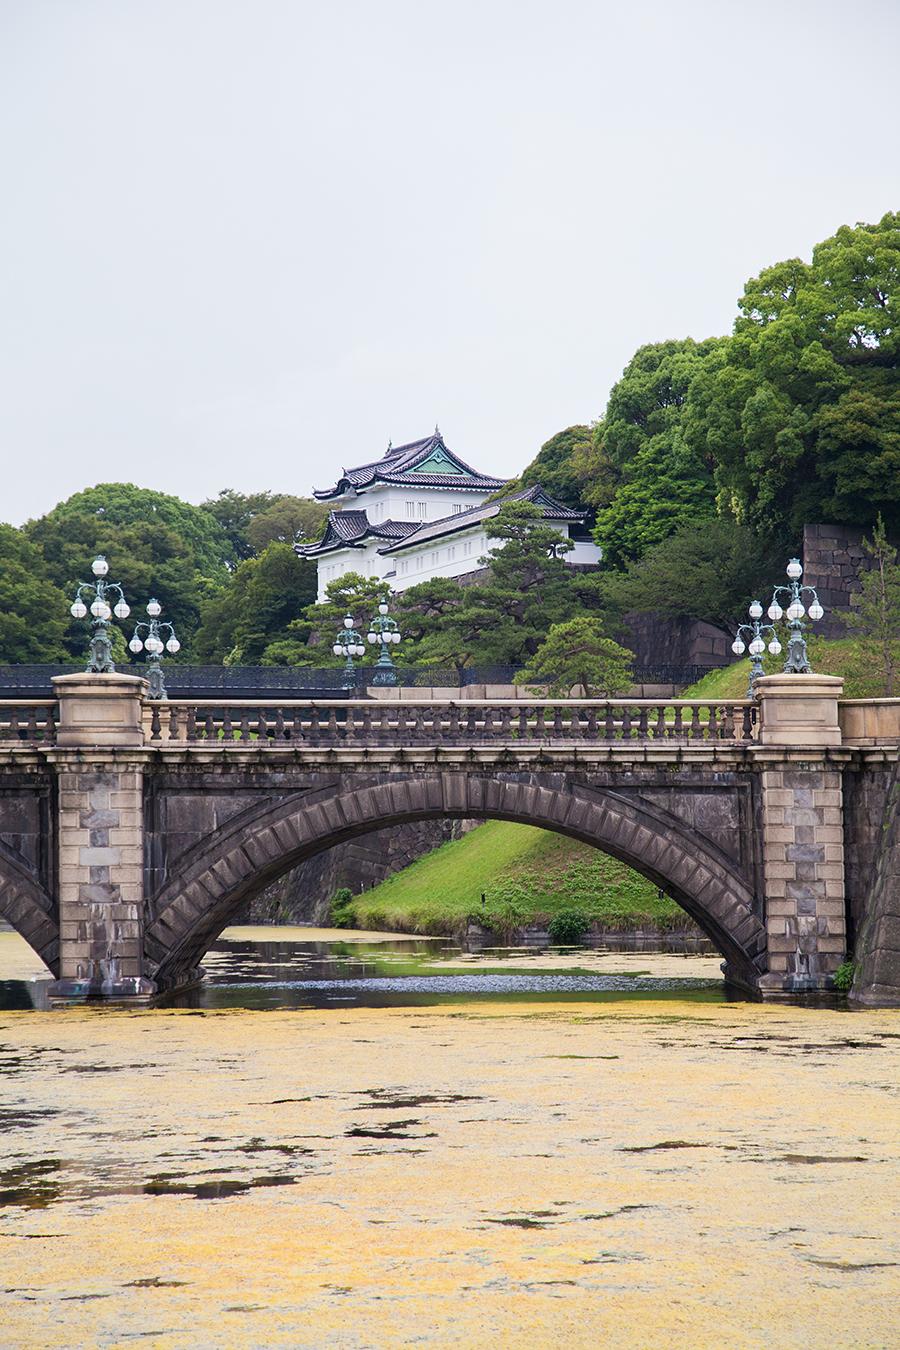 palazzo imeperiale tokyo casa dell'imperatore